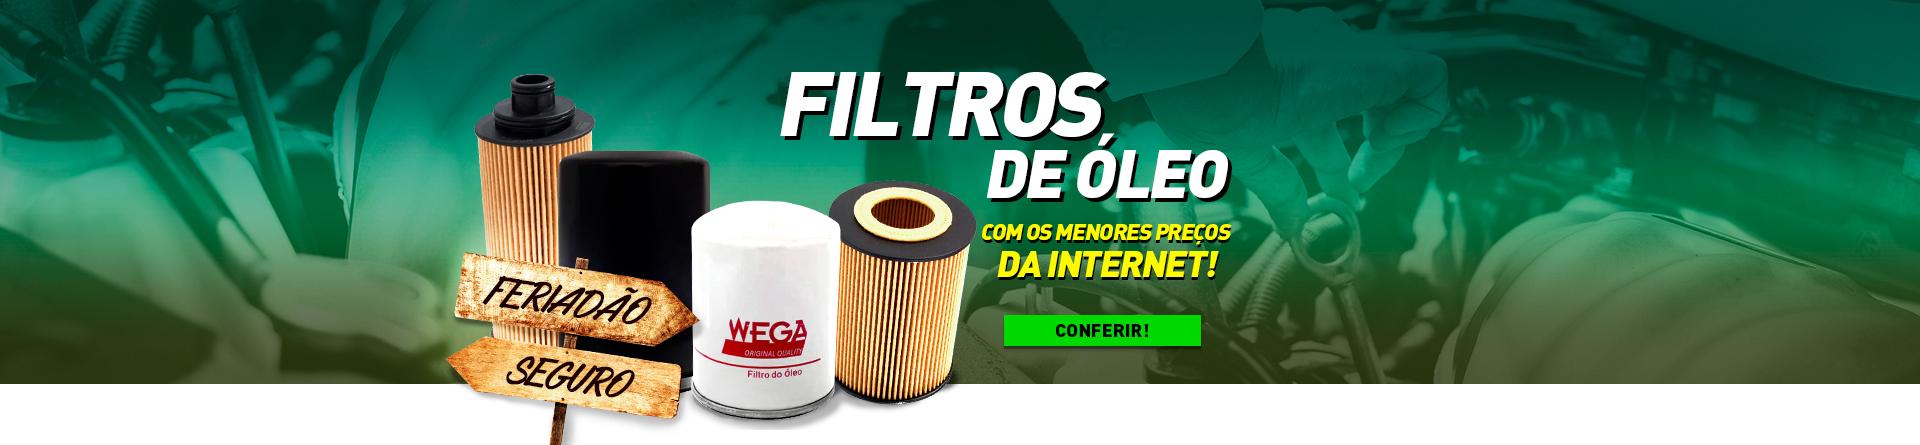 VIAGEM SEGURA - FILTROS OLEO PC